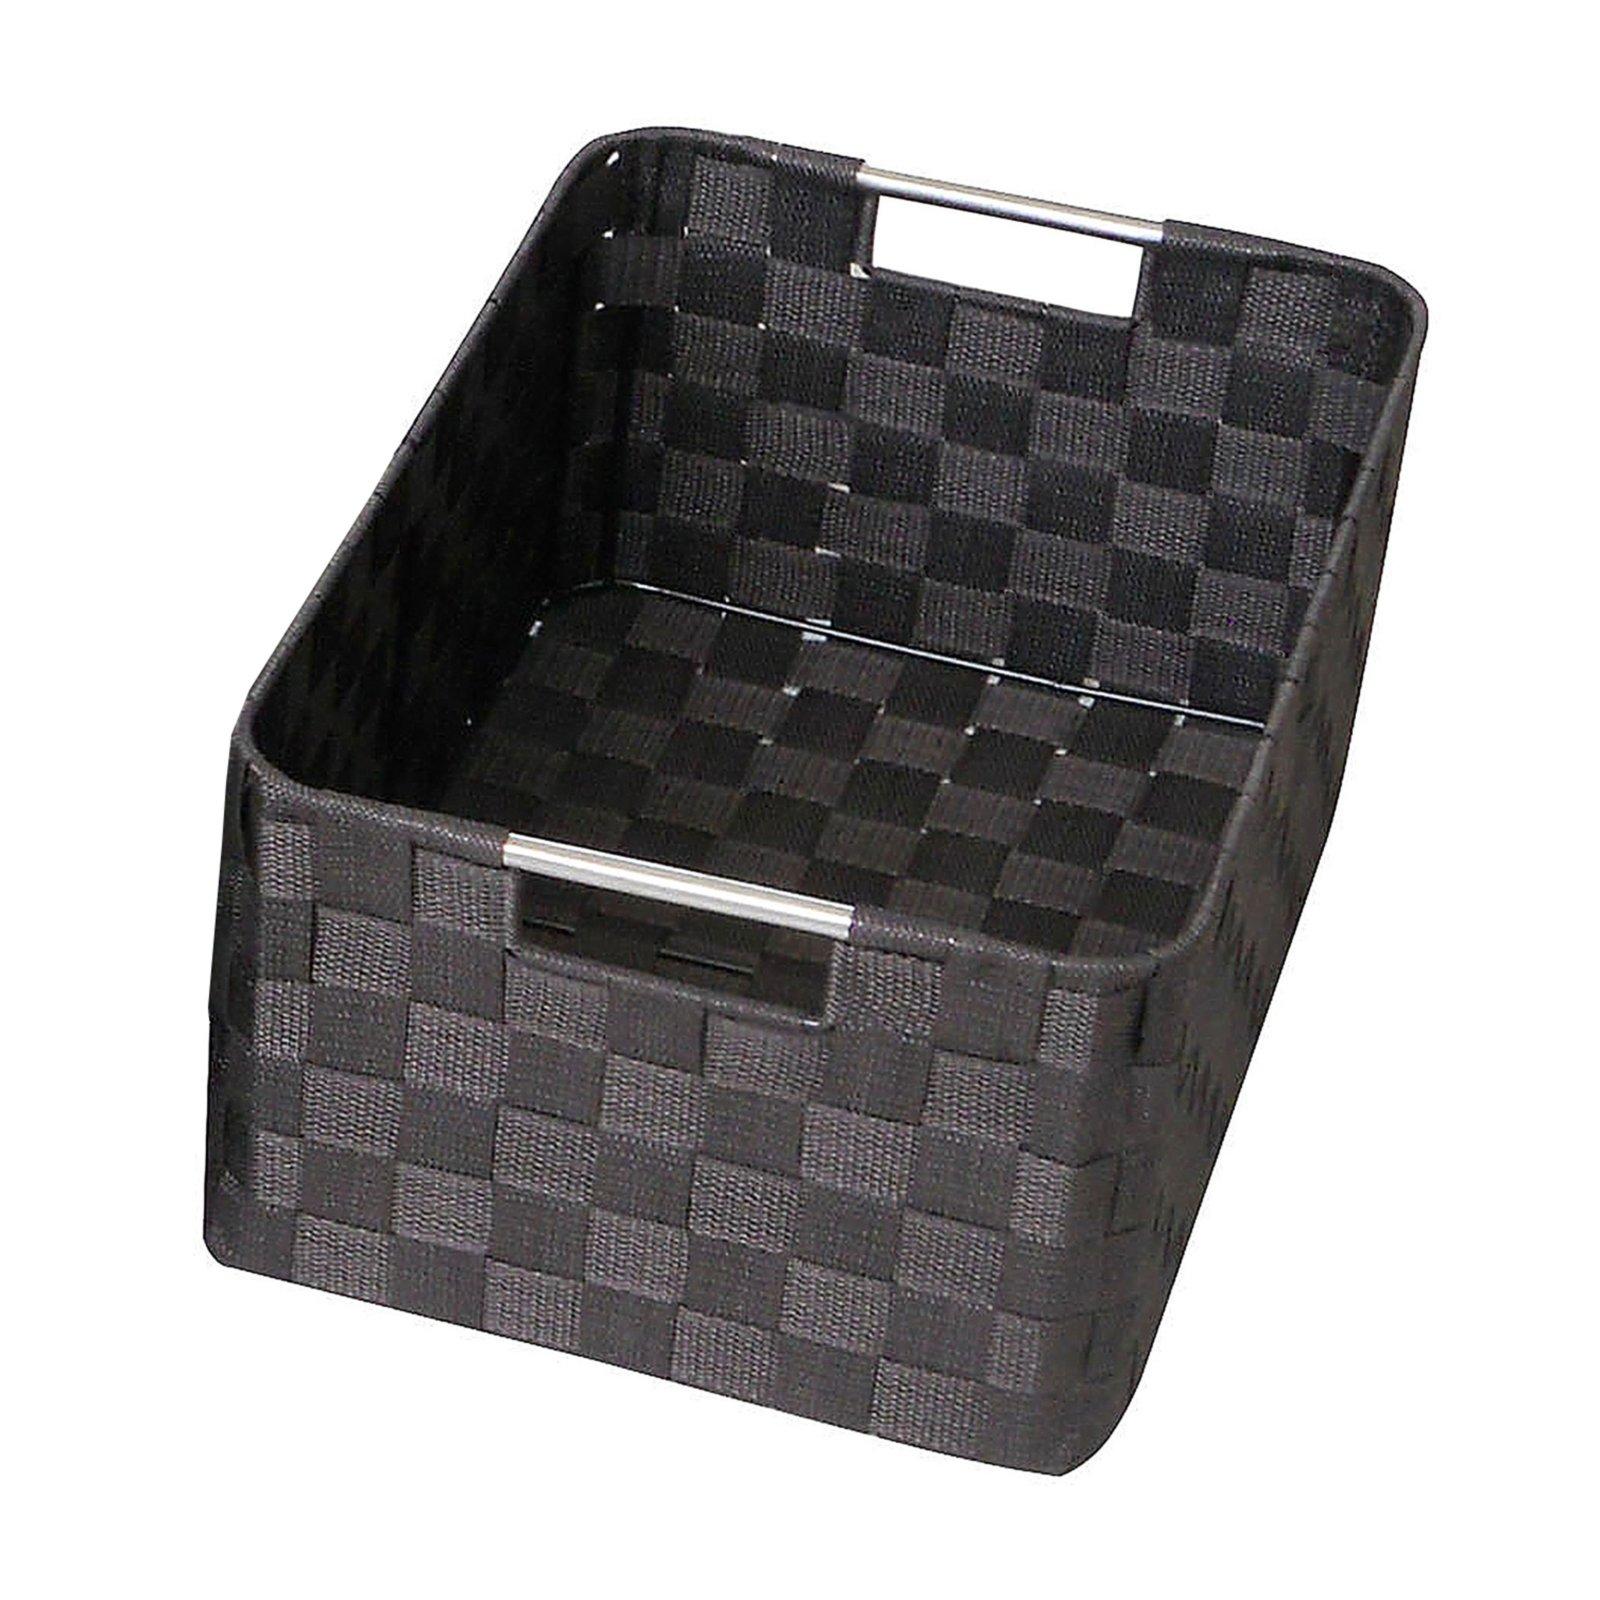 Aufbewahrungskorb  braun  Größe M  Dekorative Boxen  ~ Spülbecken Braun